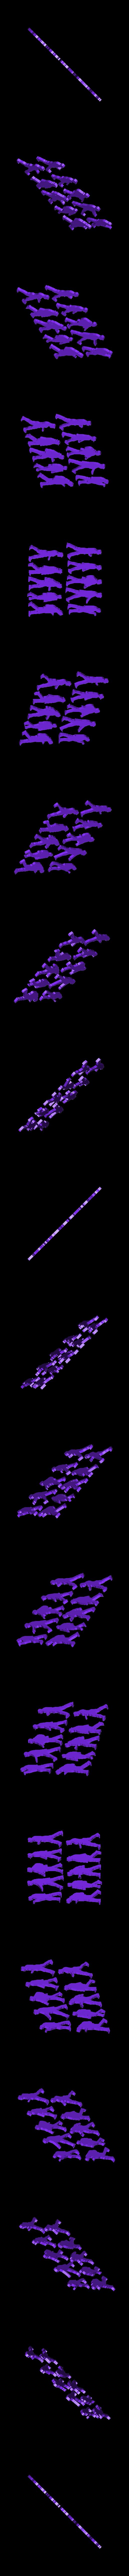 10-man-walking-silhouette-coverv.stl Télécharger fichier STL gratuit 14 autocollants anti-collision pour prévenir les impacts d'oiseaux sur les vitres des fenêtres - autocollants pour fenêtres pour impression 3d • Plan imprimable en 3D, syzguru11